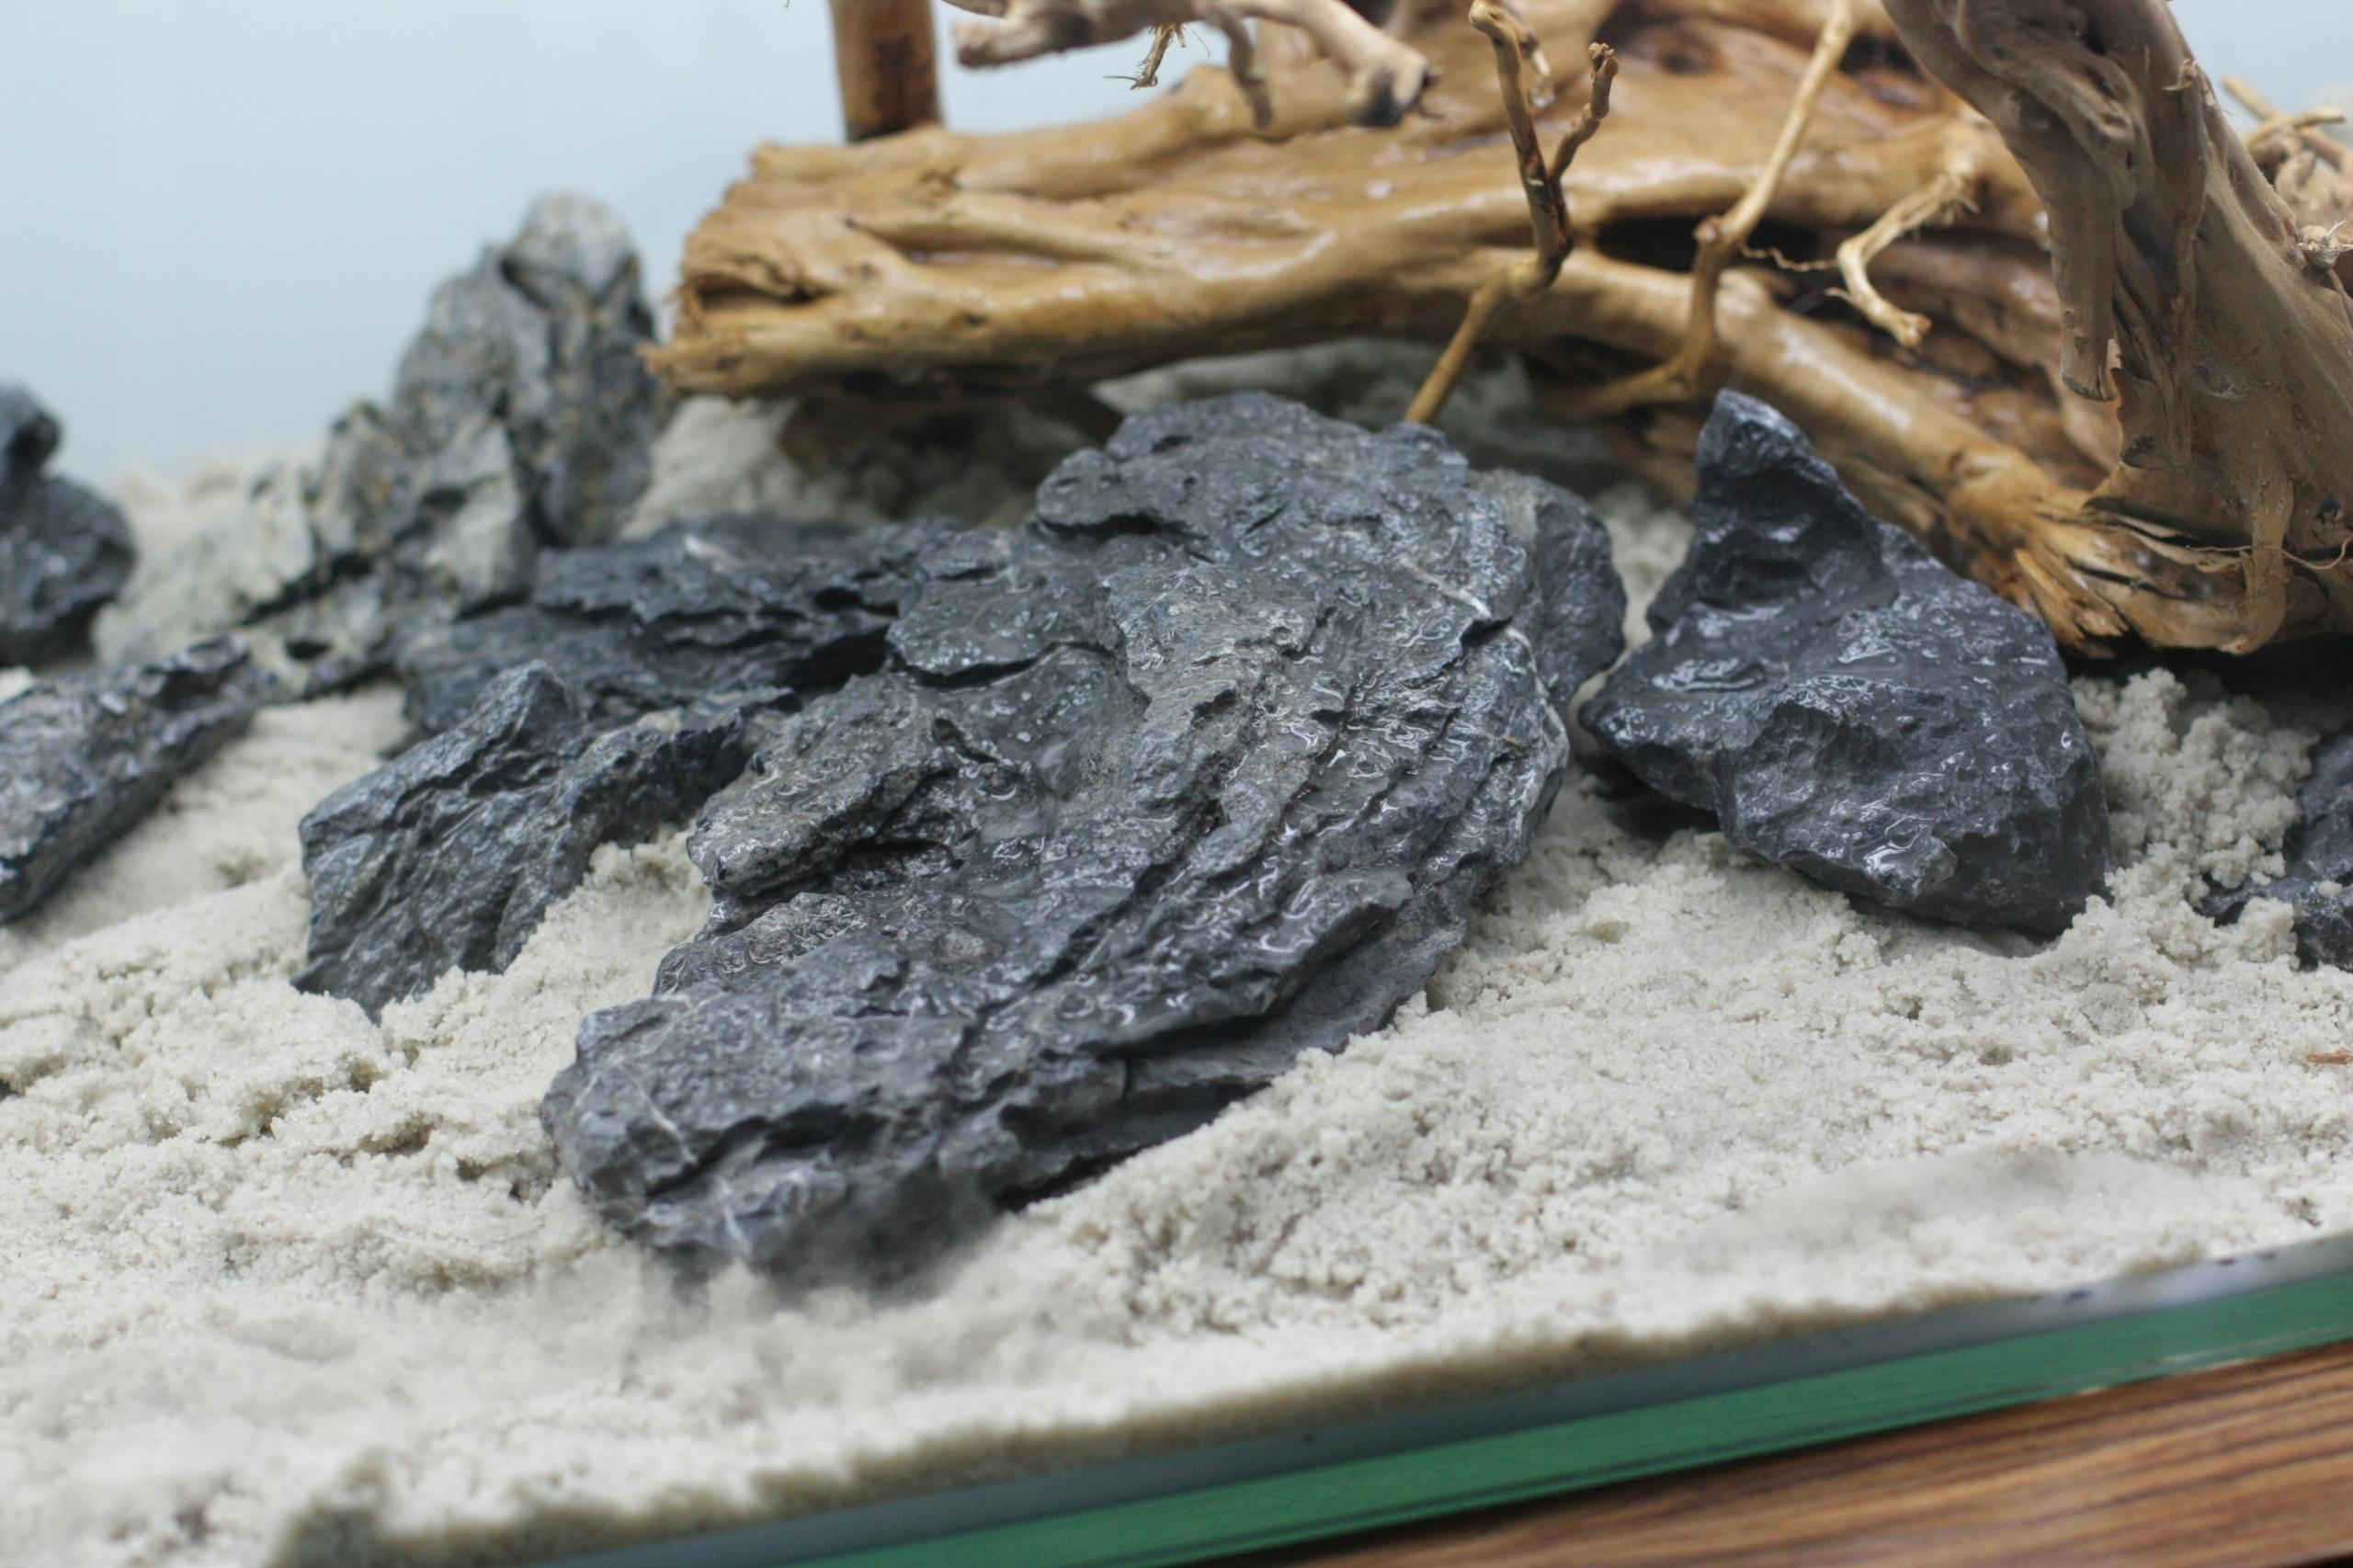 Rock, Scenérie, Kameň seiryu kameňa ako balenie 10 kg